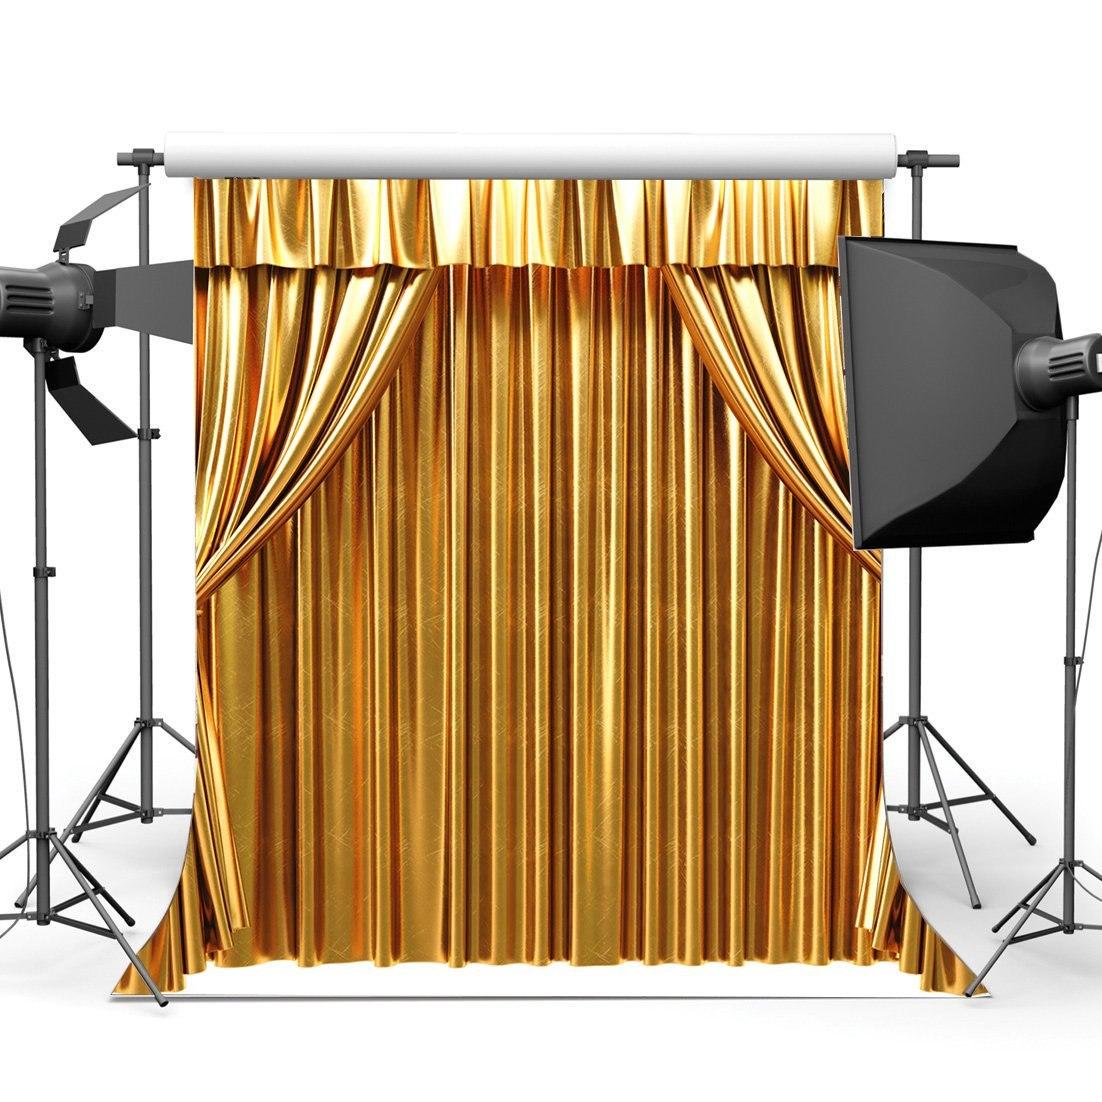 [해외]/Golden Curtain Backdrop Theatre Show Backdrops Home Interior Decoration Wallpaper Photography Background